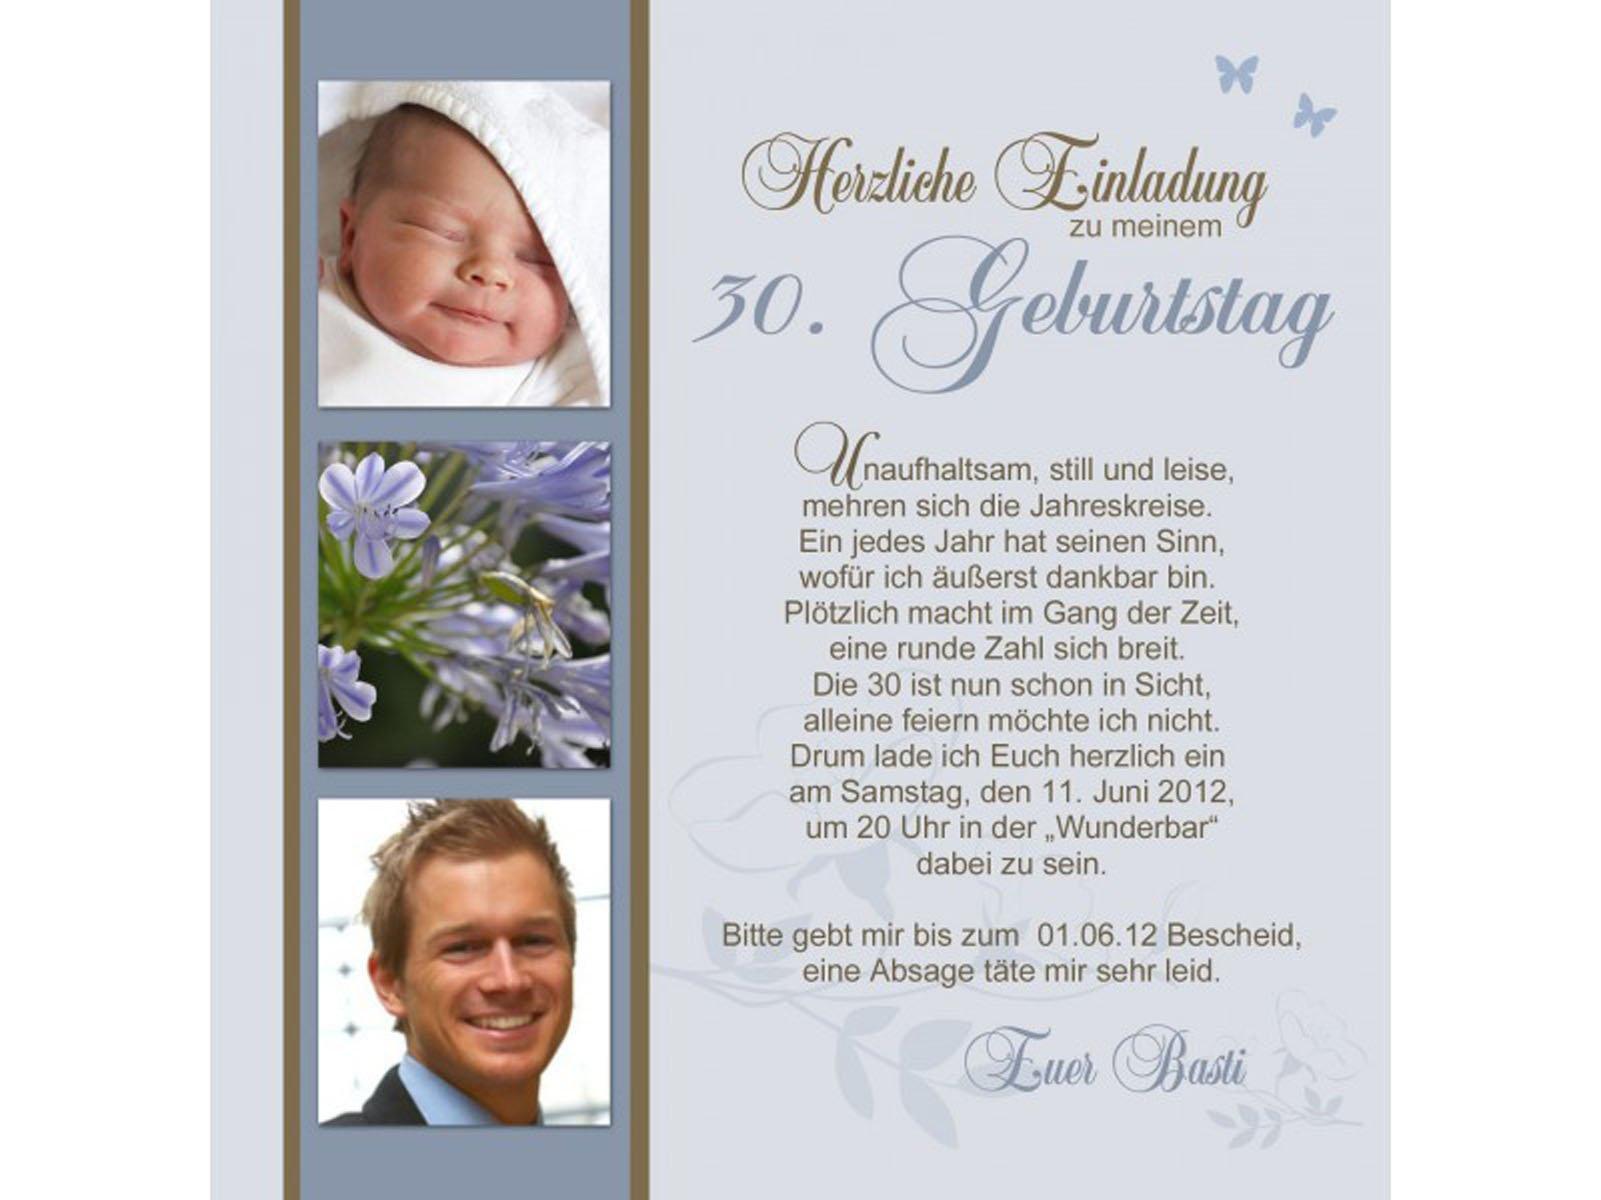 Einladungskarte Geburtstag Einladungskarte Geburtstag: Einladung Zum 60 Geburtstag : Einladung Zum 60 Geburtstag